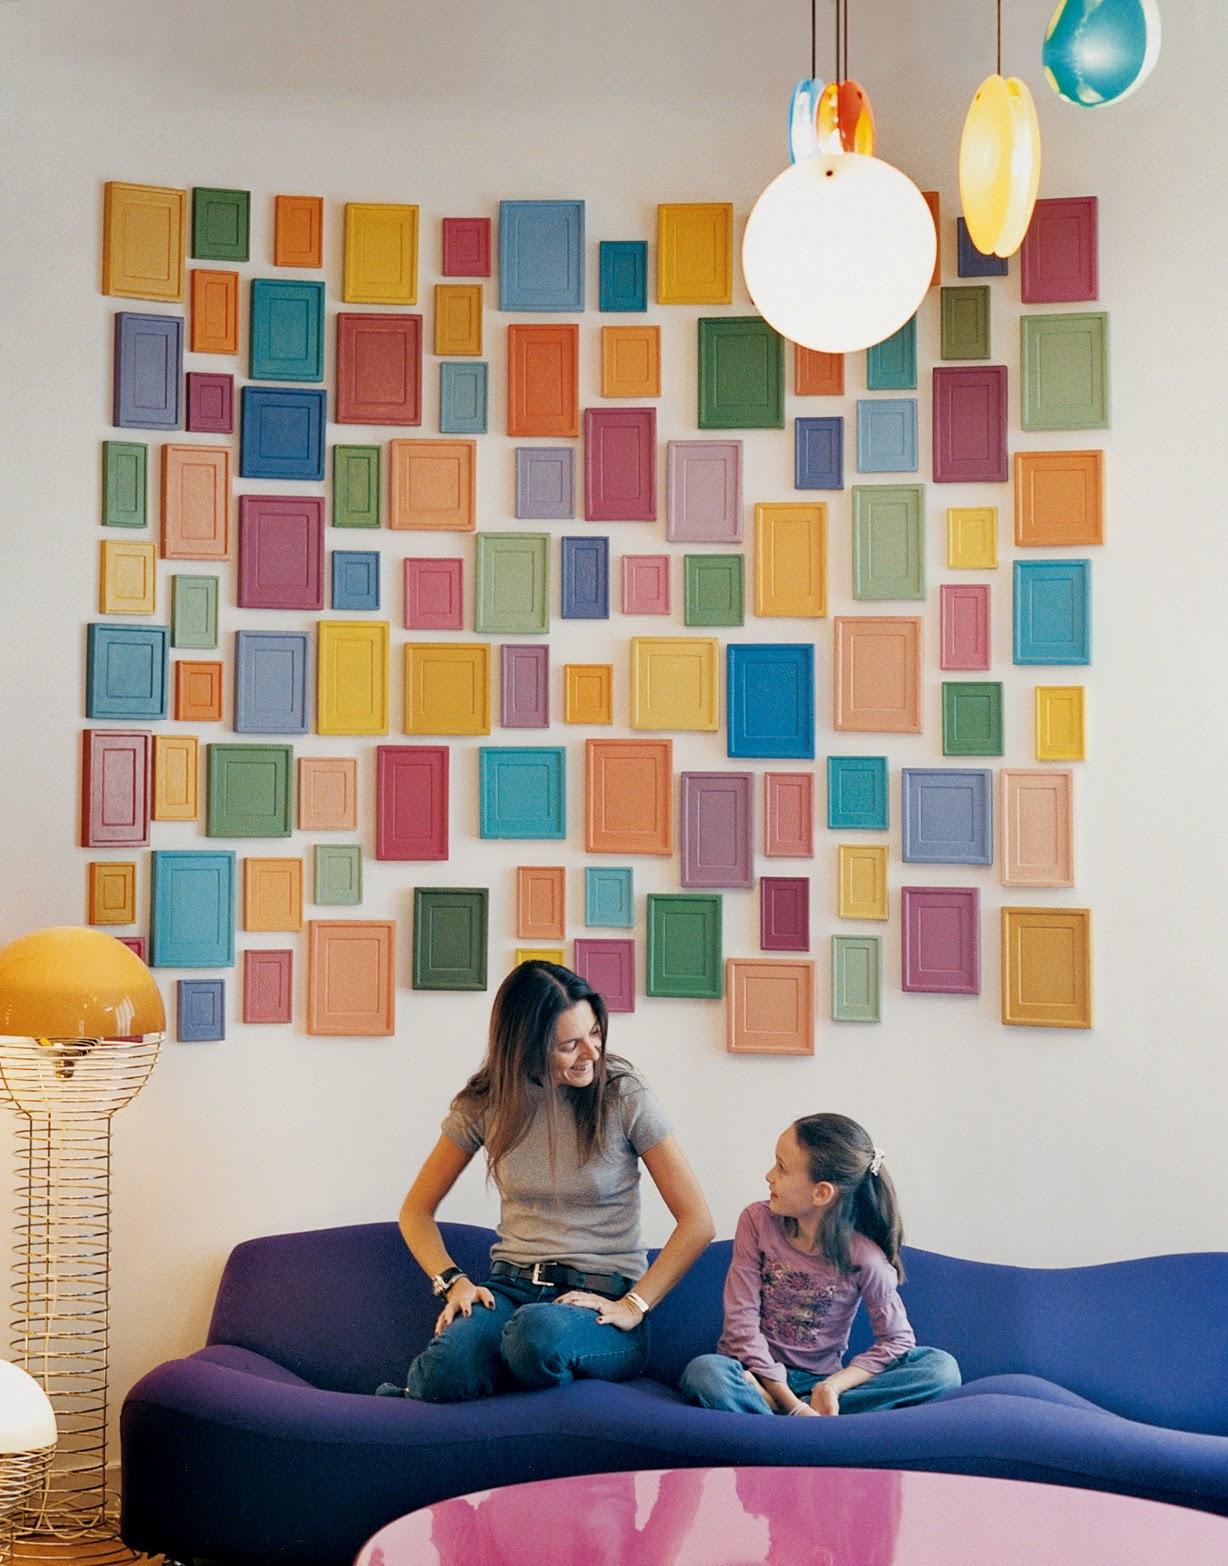 Poppige Designklassiker und kinderfreundliches Design passt perfekt in Pariser Wohnung